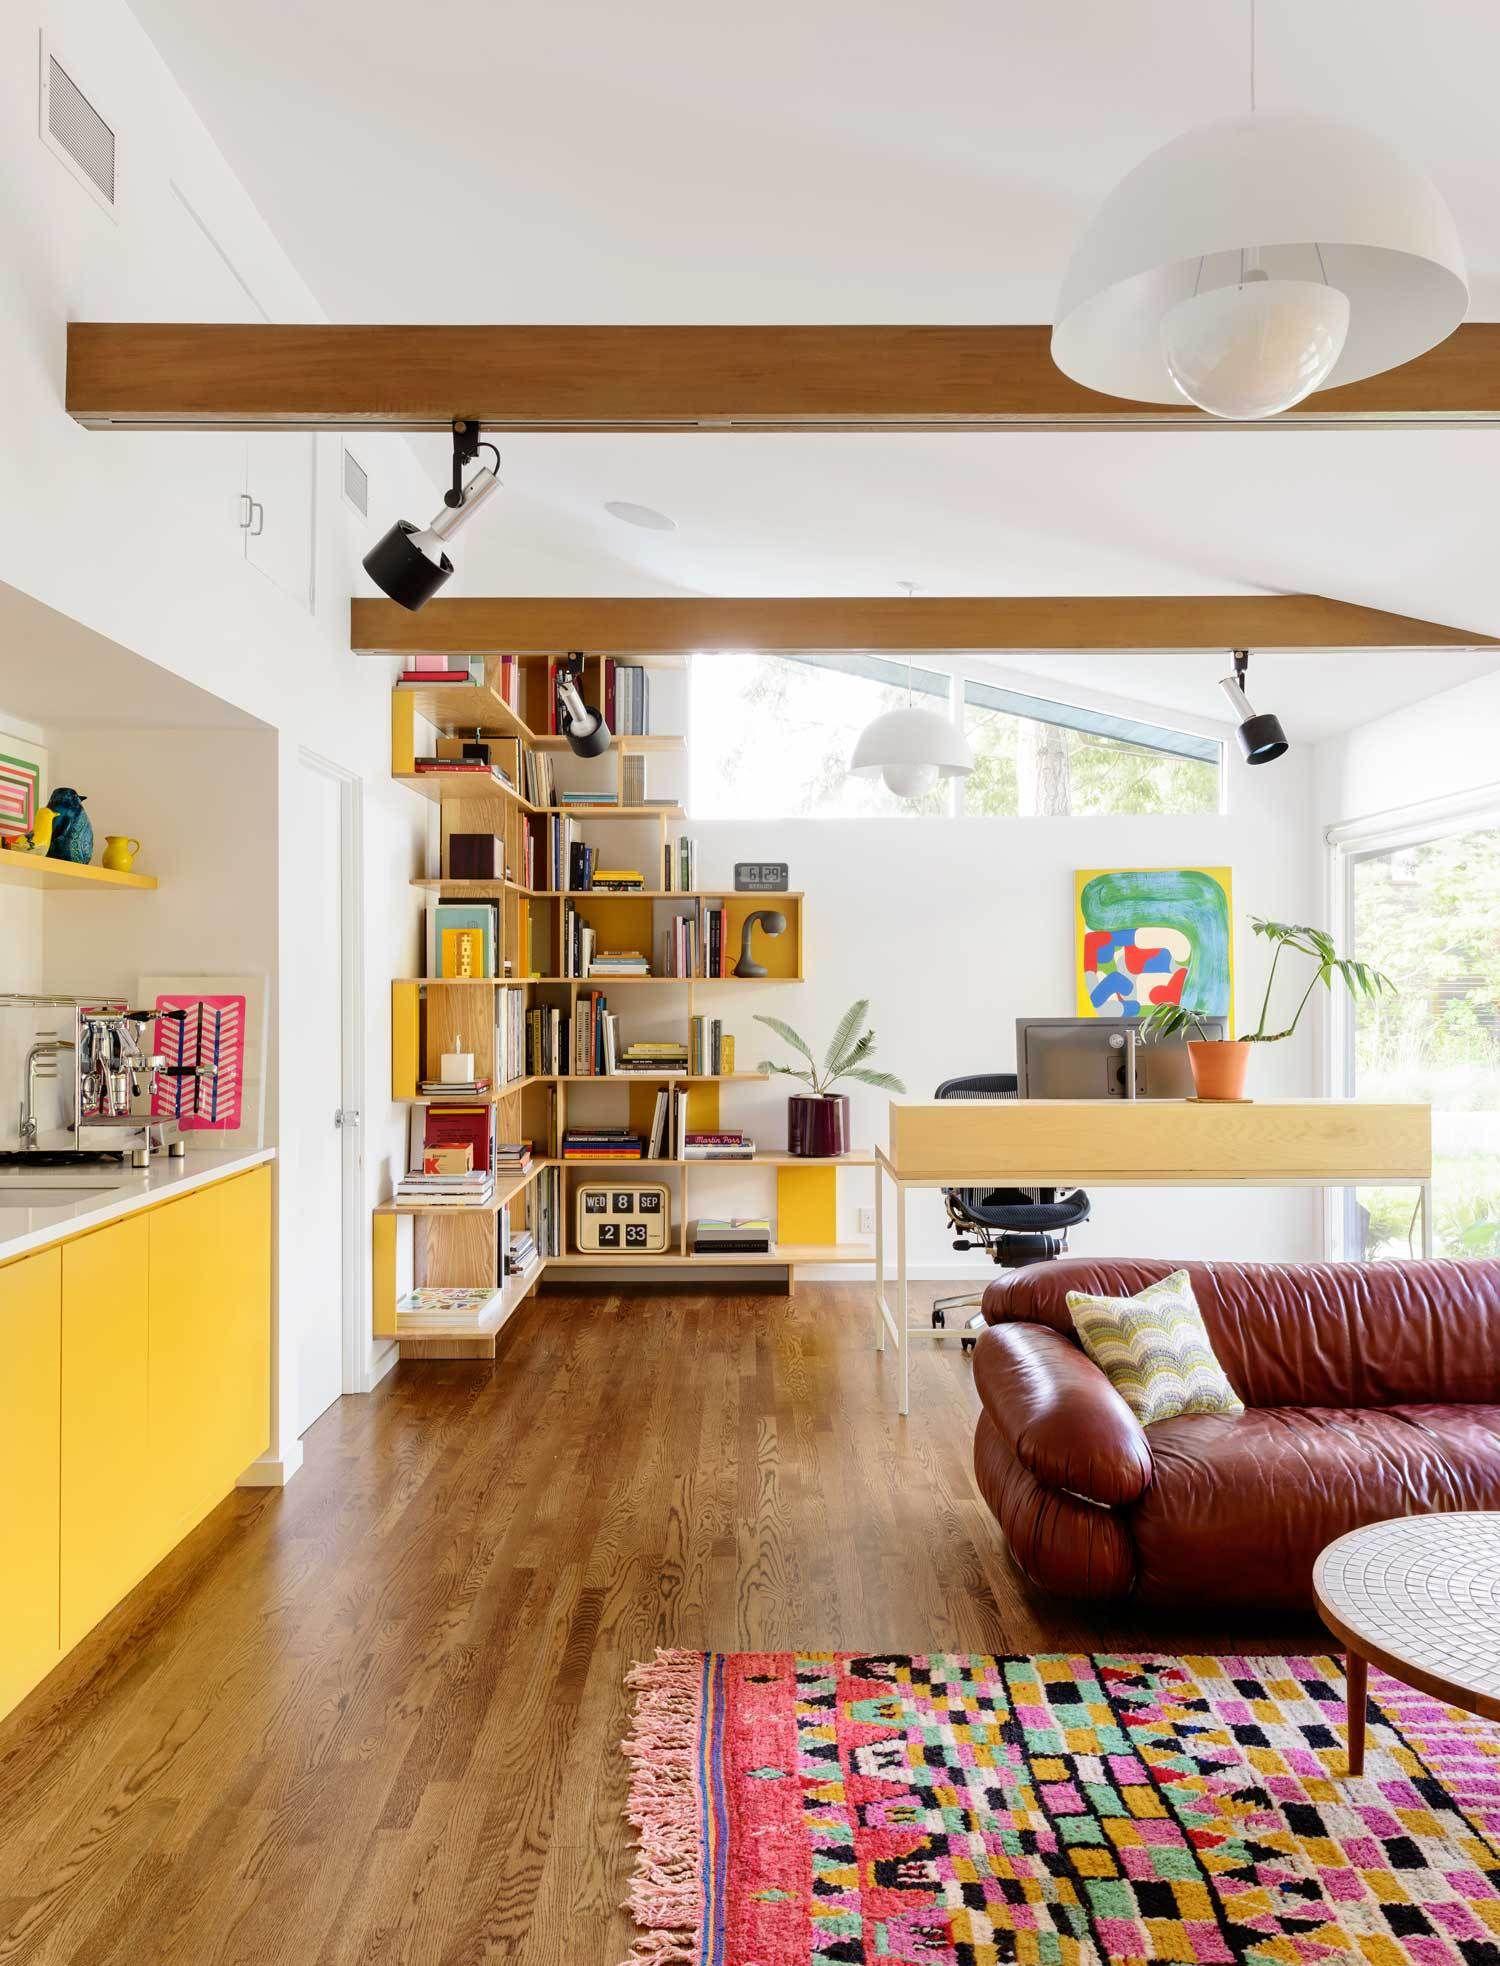 Remodel of a 1950s house by jessica helgerson interior design yellowtrace un salon chaleureux et coloré